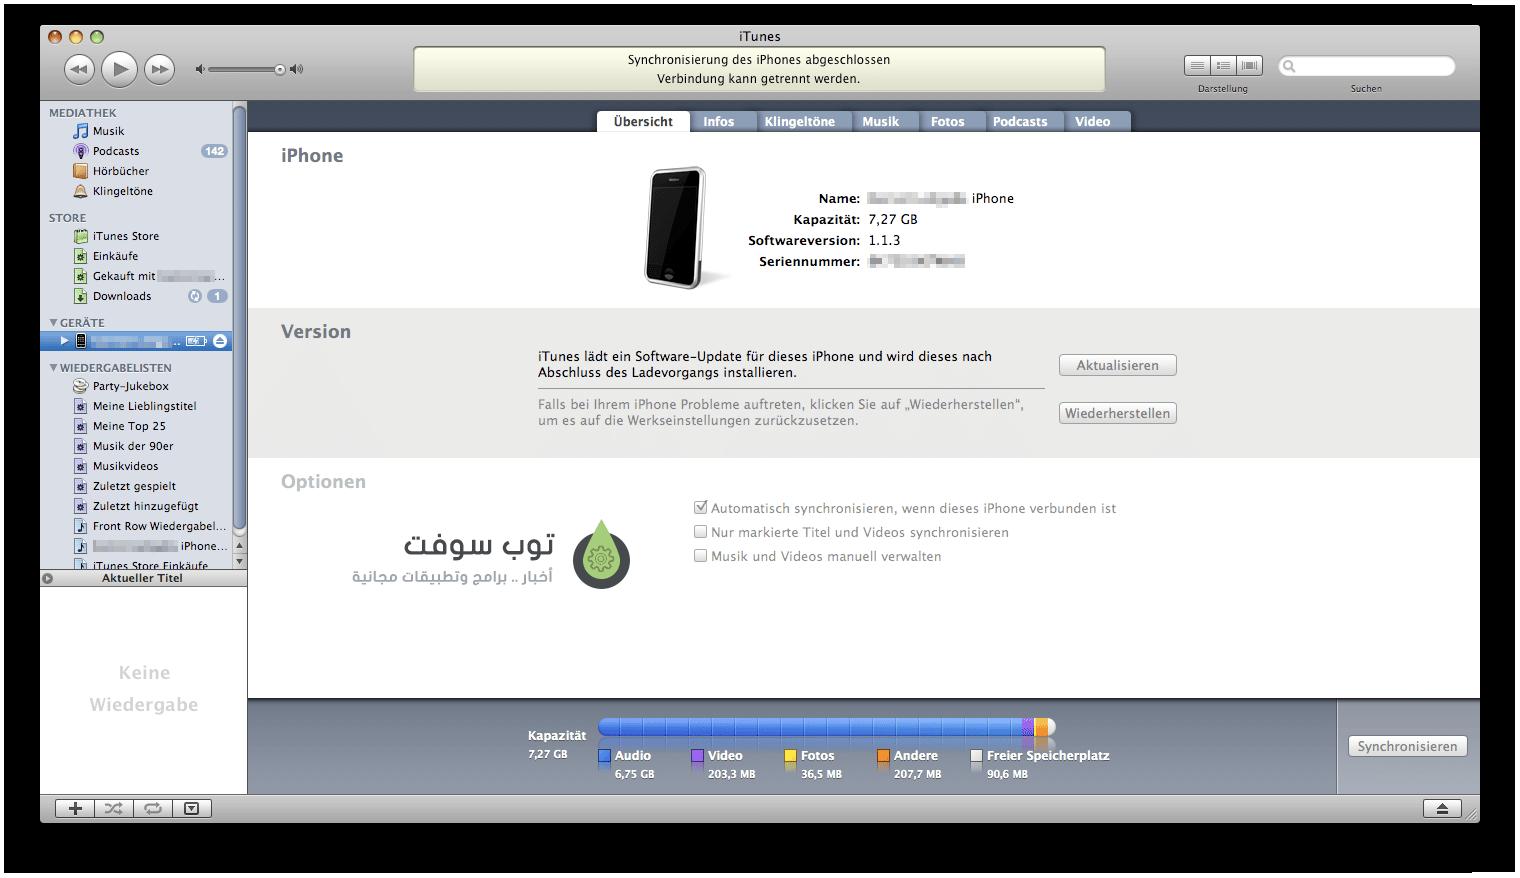 05-itunes-laedt-software-update